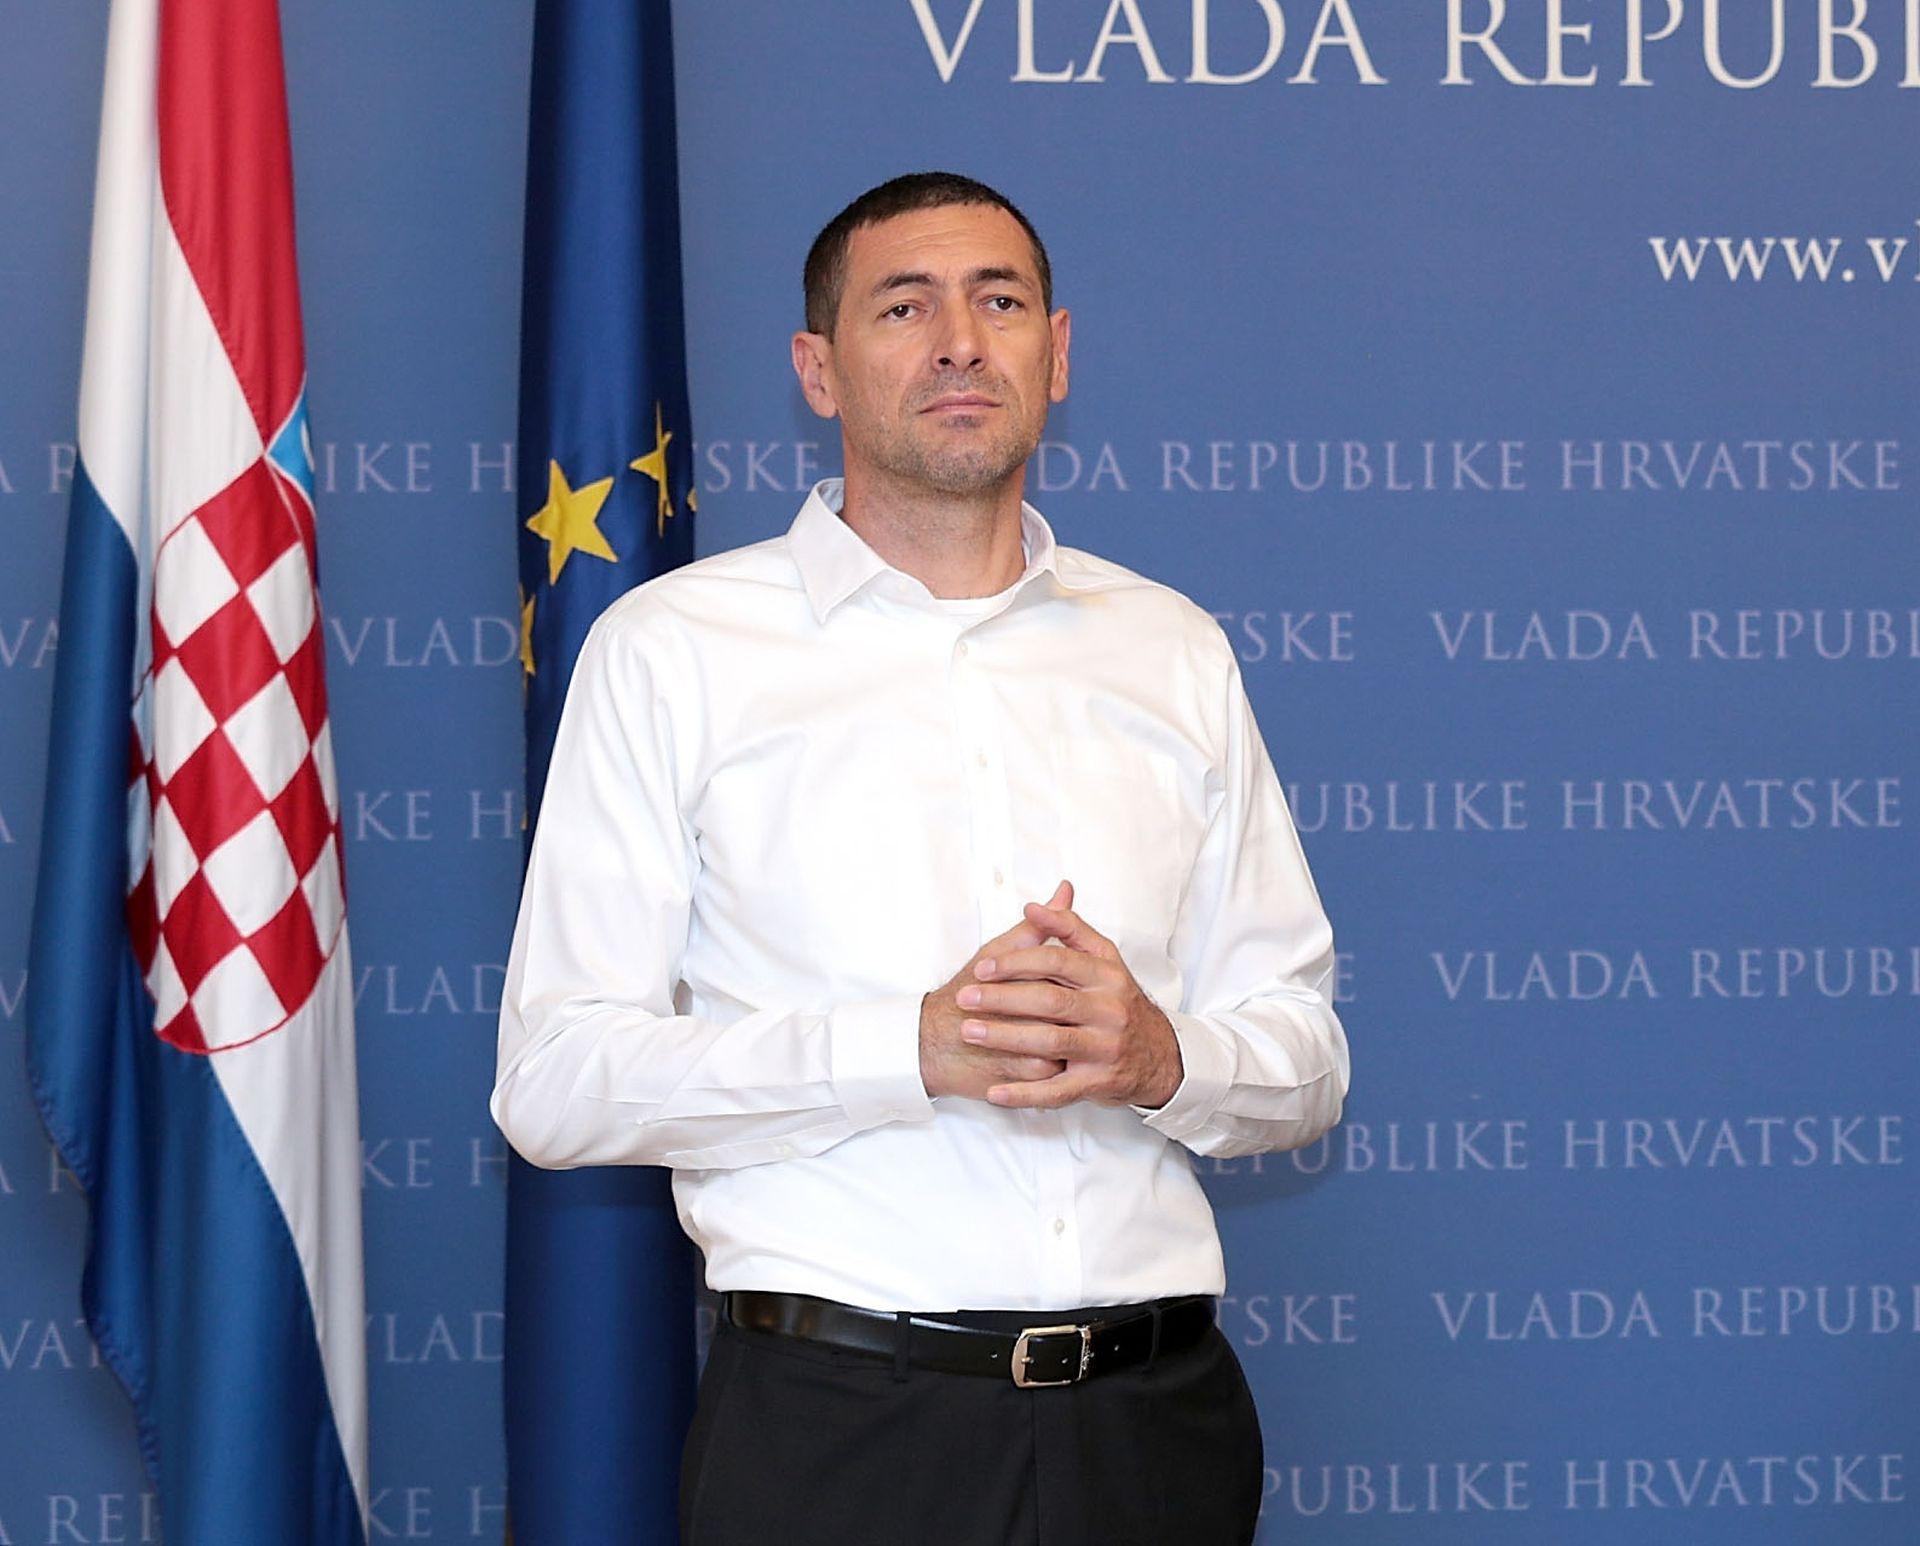 POVRATAK VOJNOG ROKA Kotromanović: 'Za mene je ovo dosta neozbiljno i profesionalno neodgovorno'